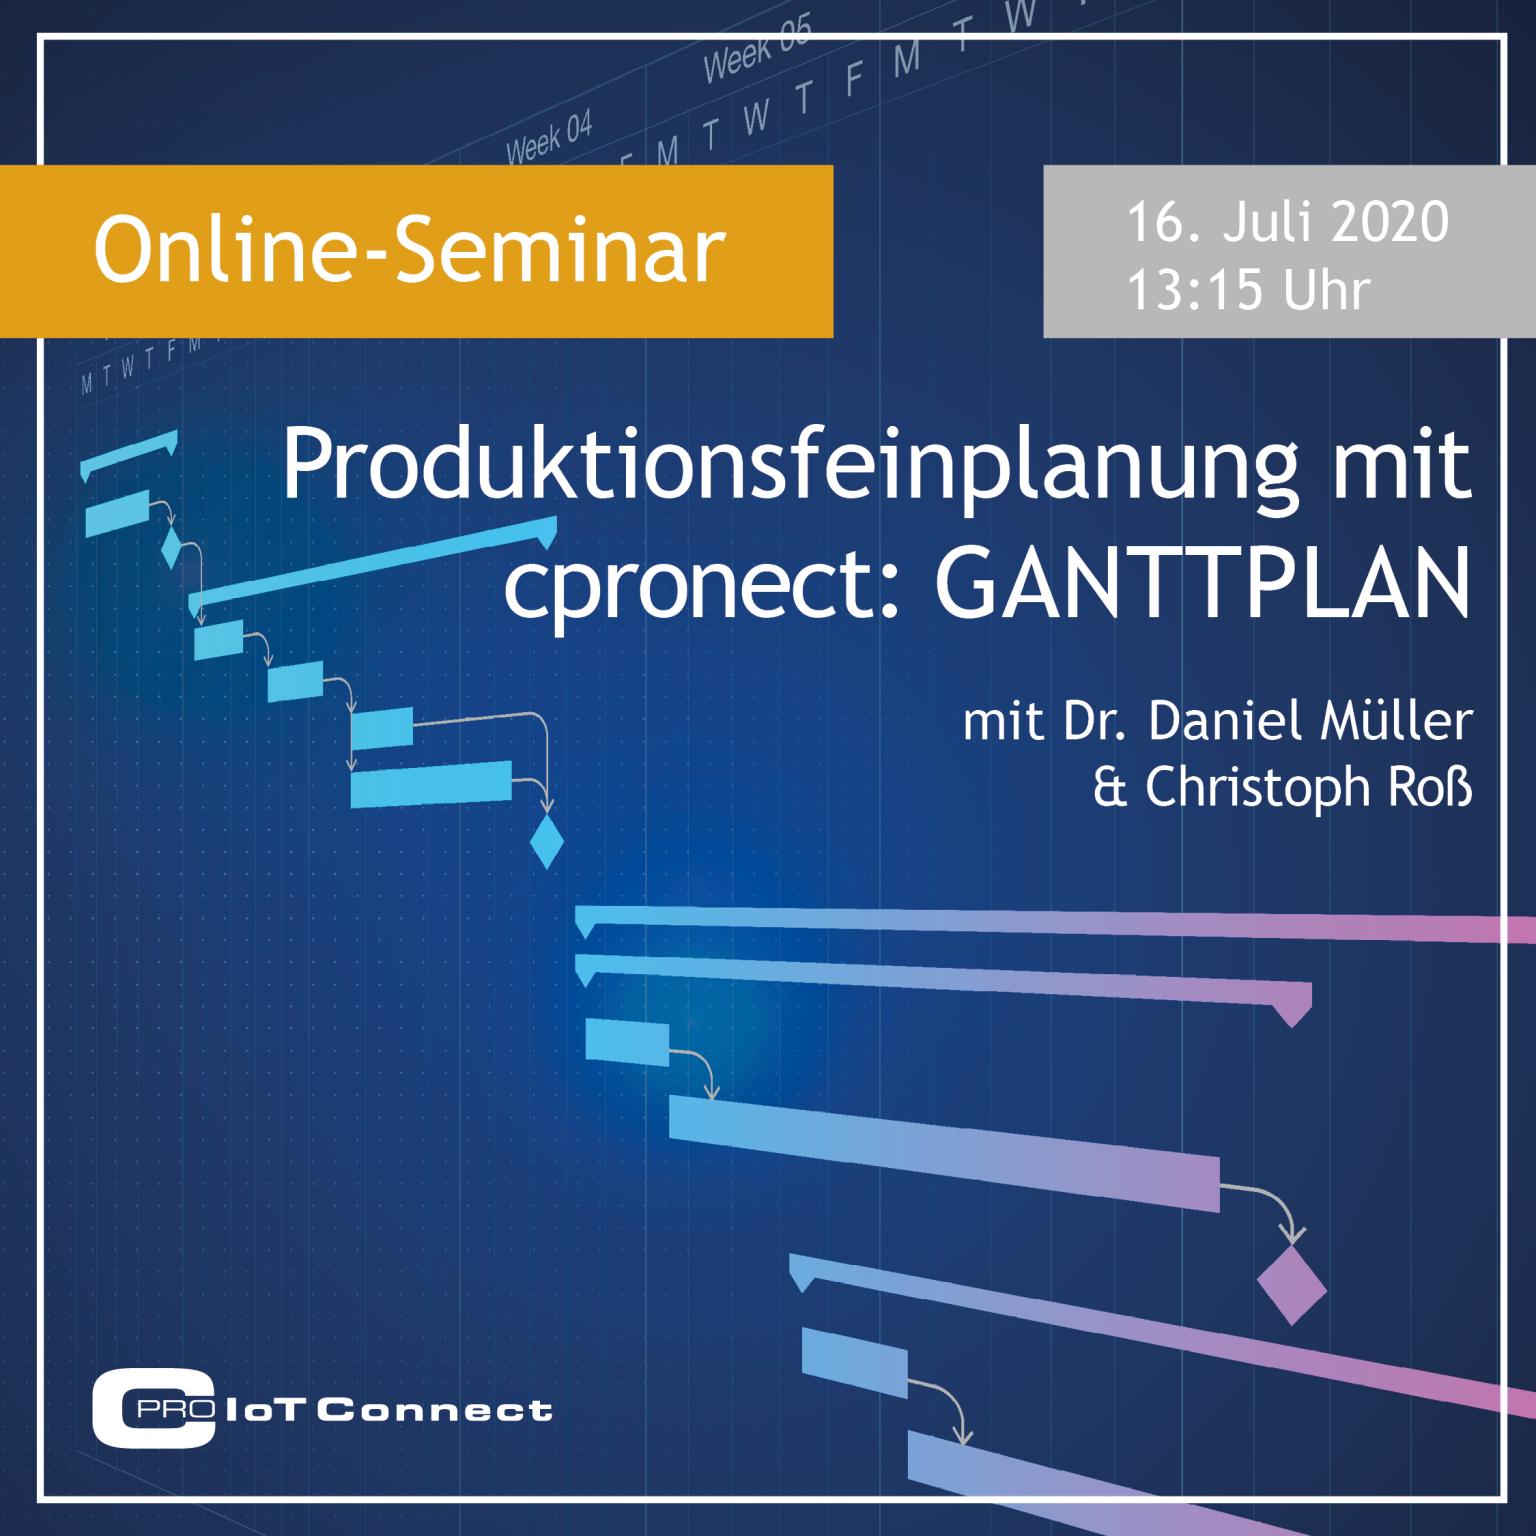 Online-Seminar - cpronect: GANTTPLAN